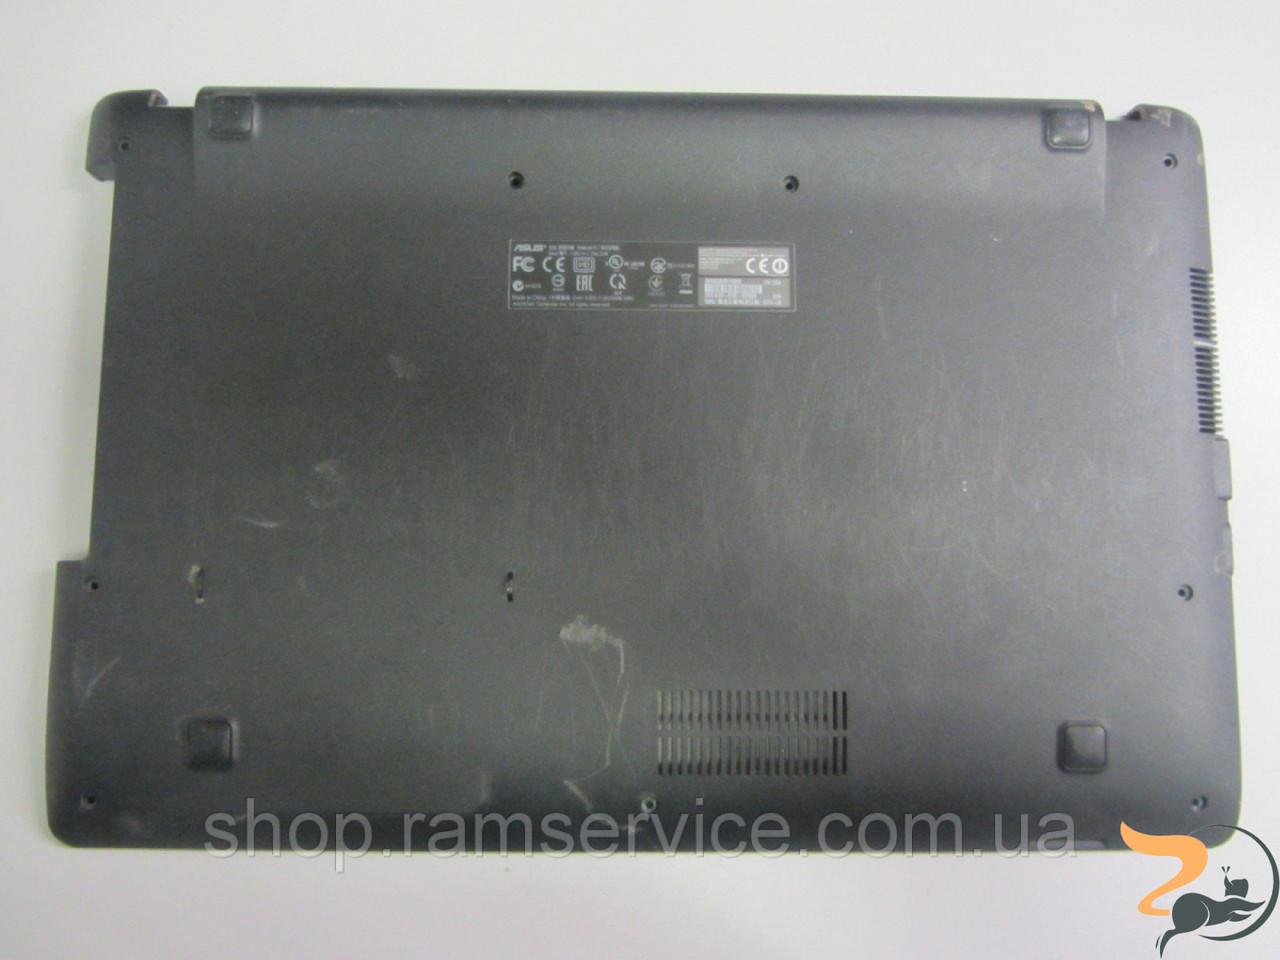 Нижня частина корпусу для ноутбука Asus X551M, б/в